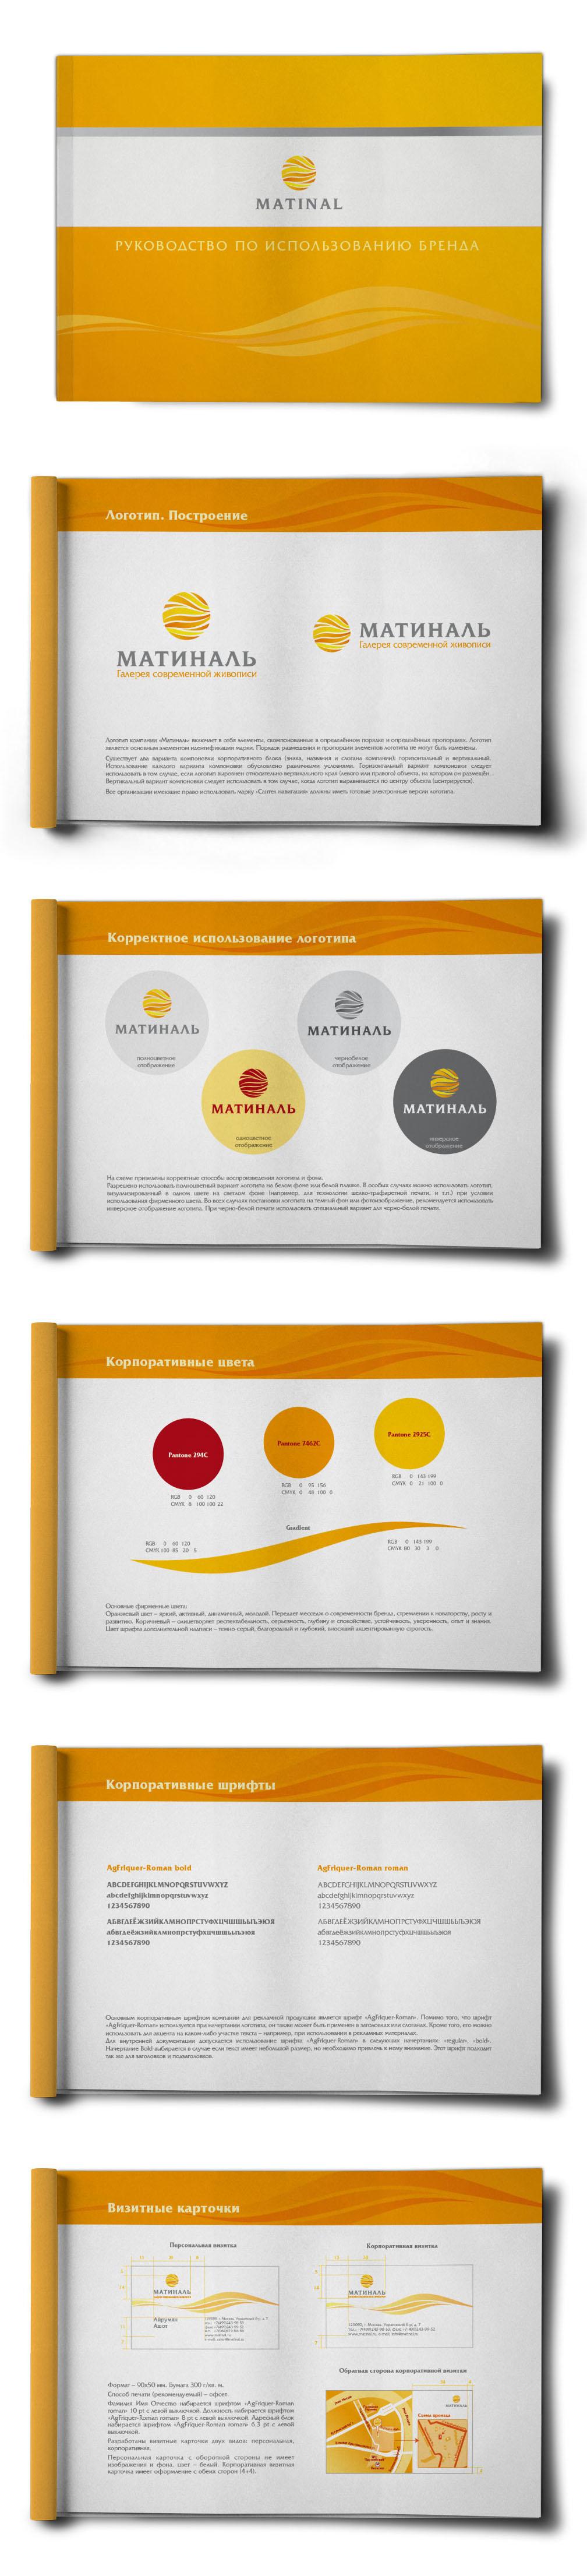 Matinal (brandbook)